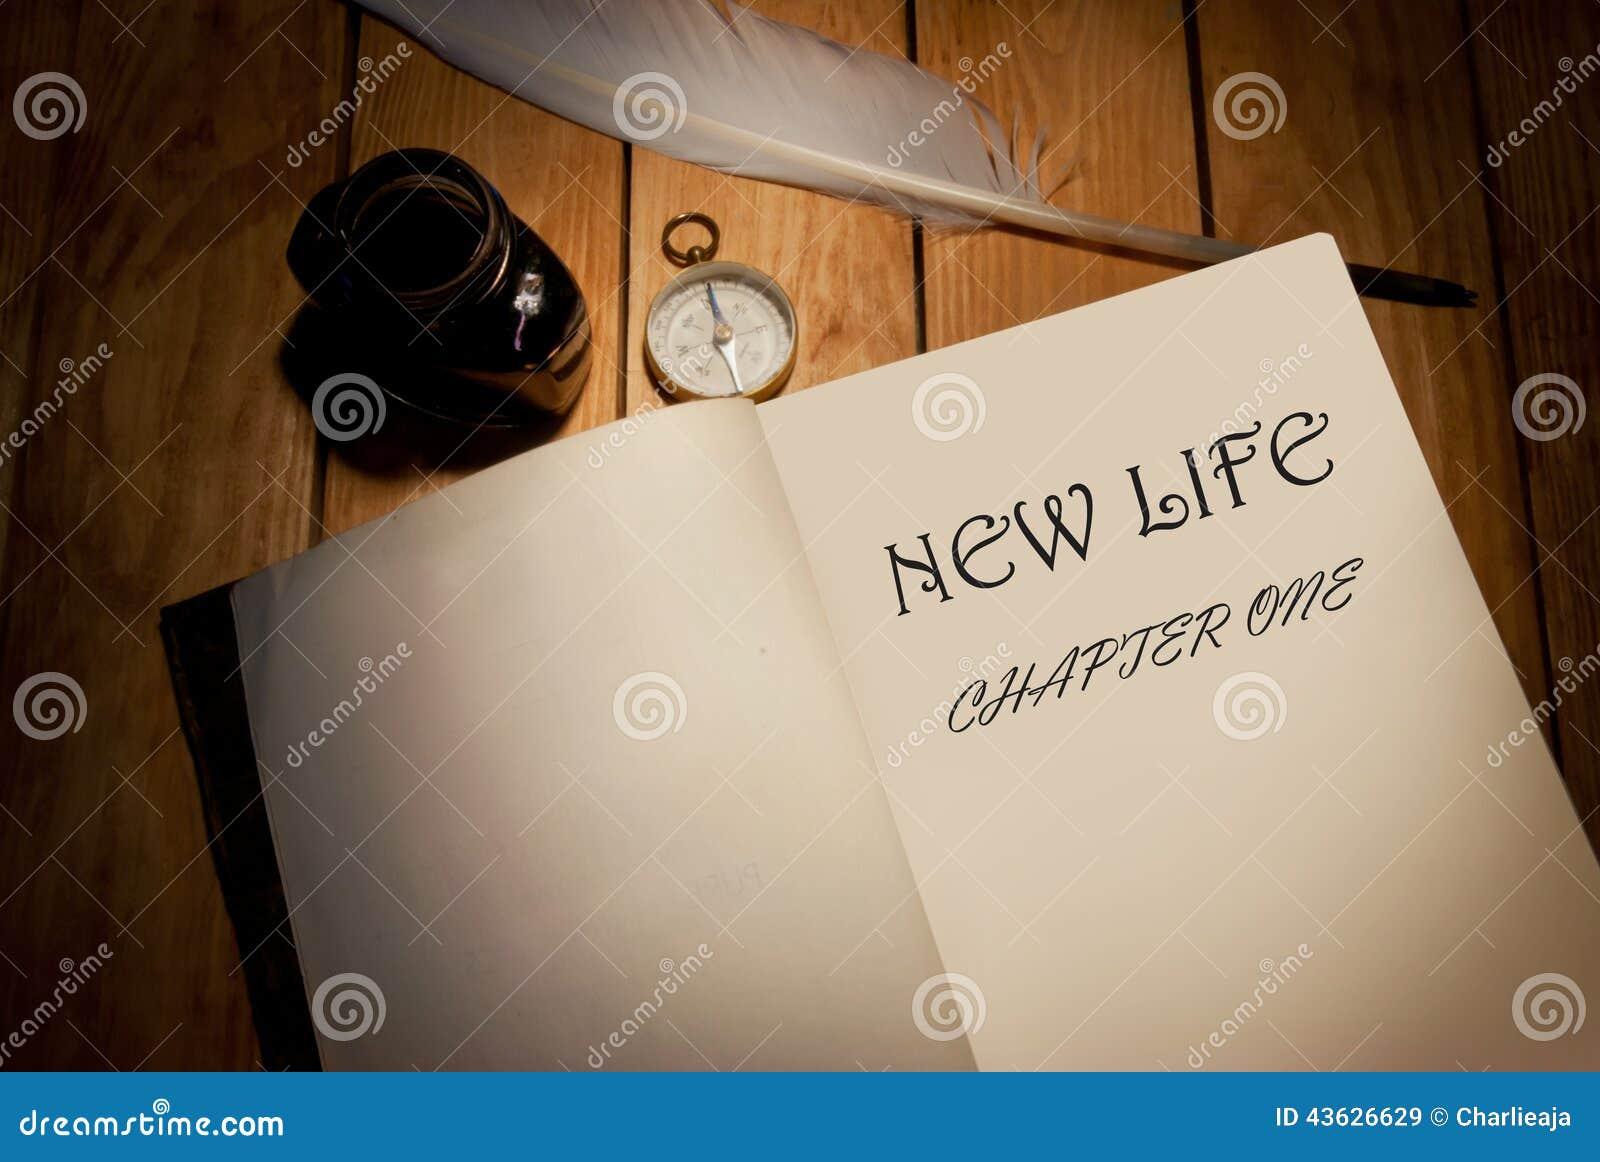 New life скачать книгу